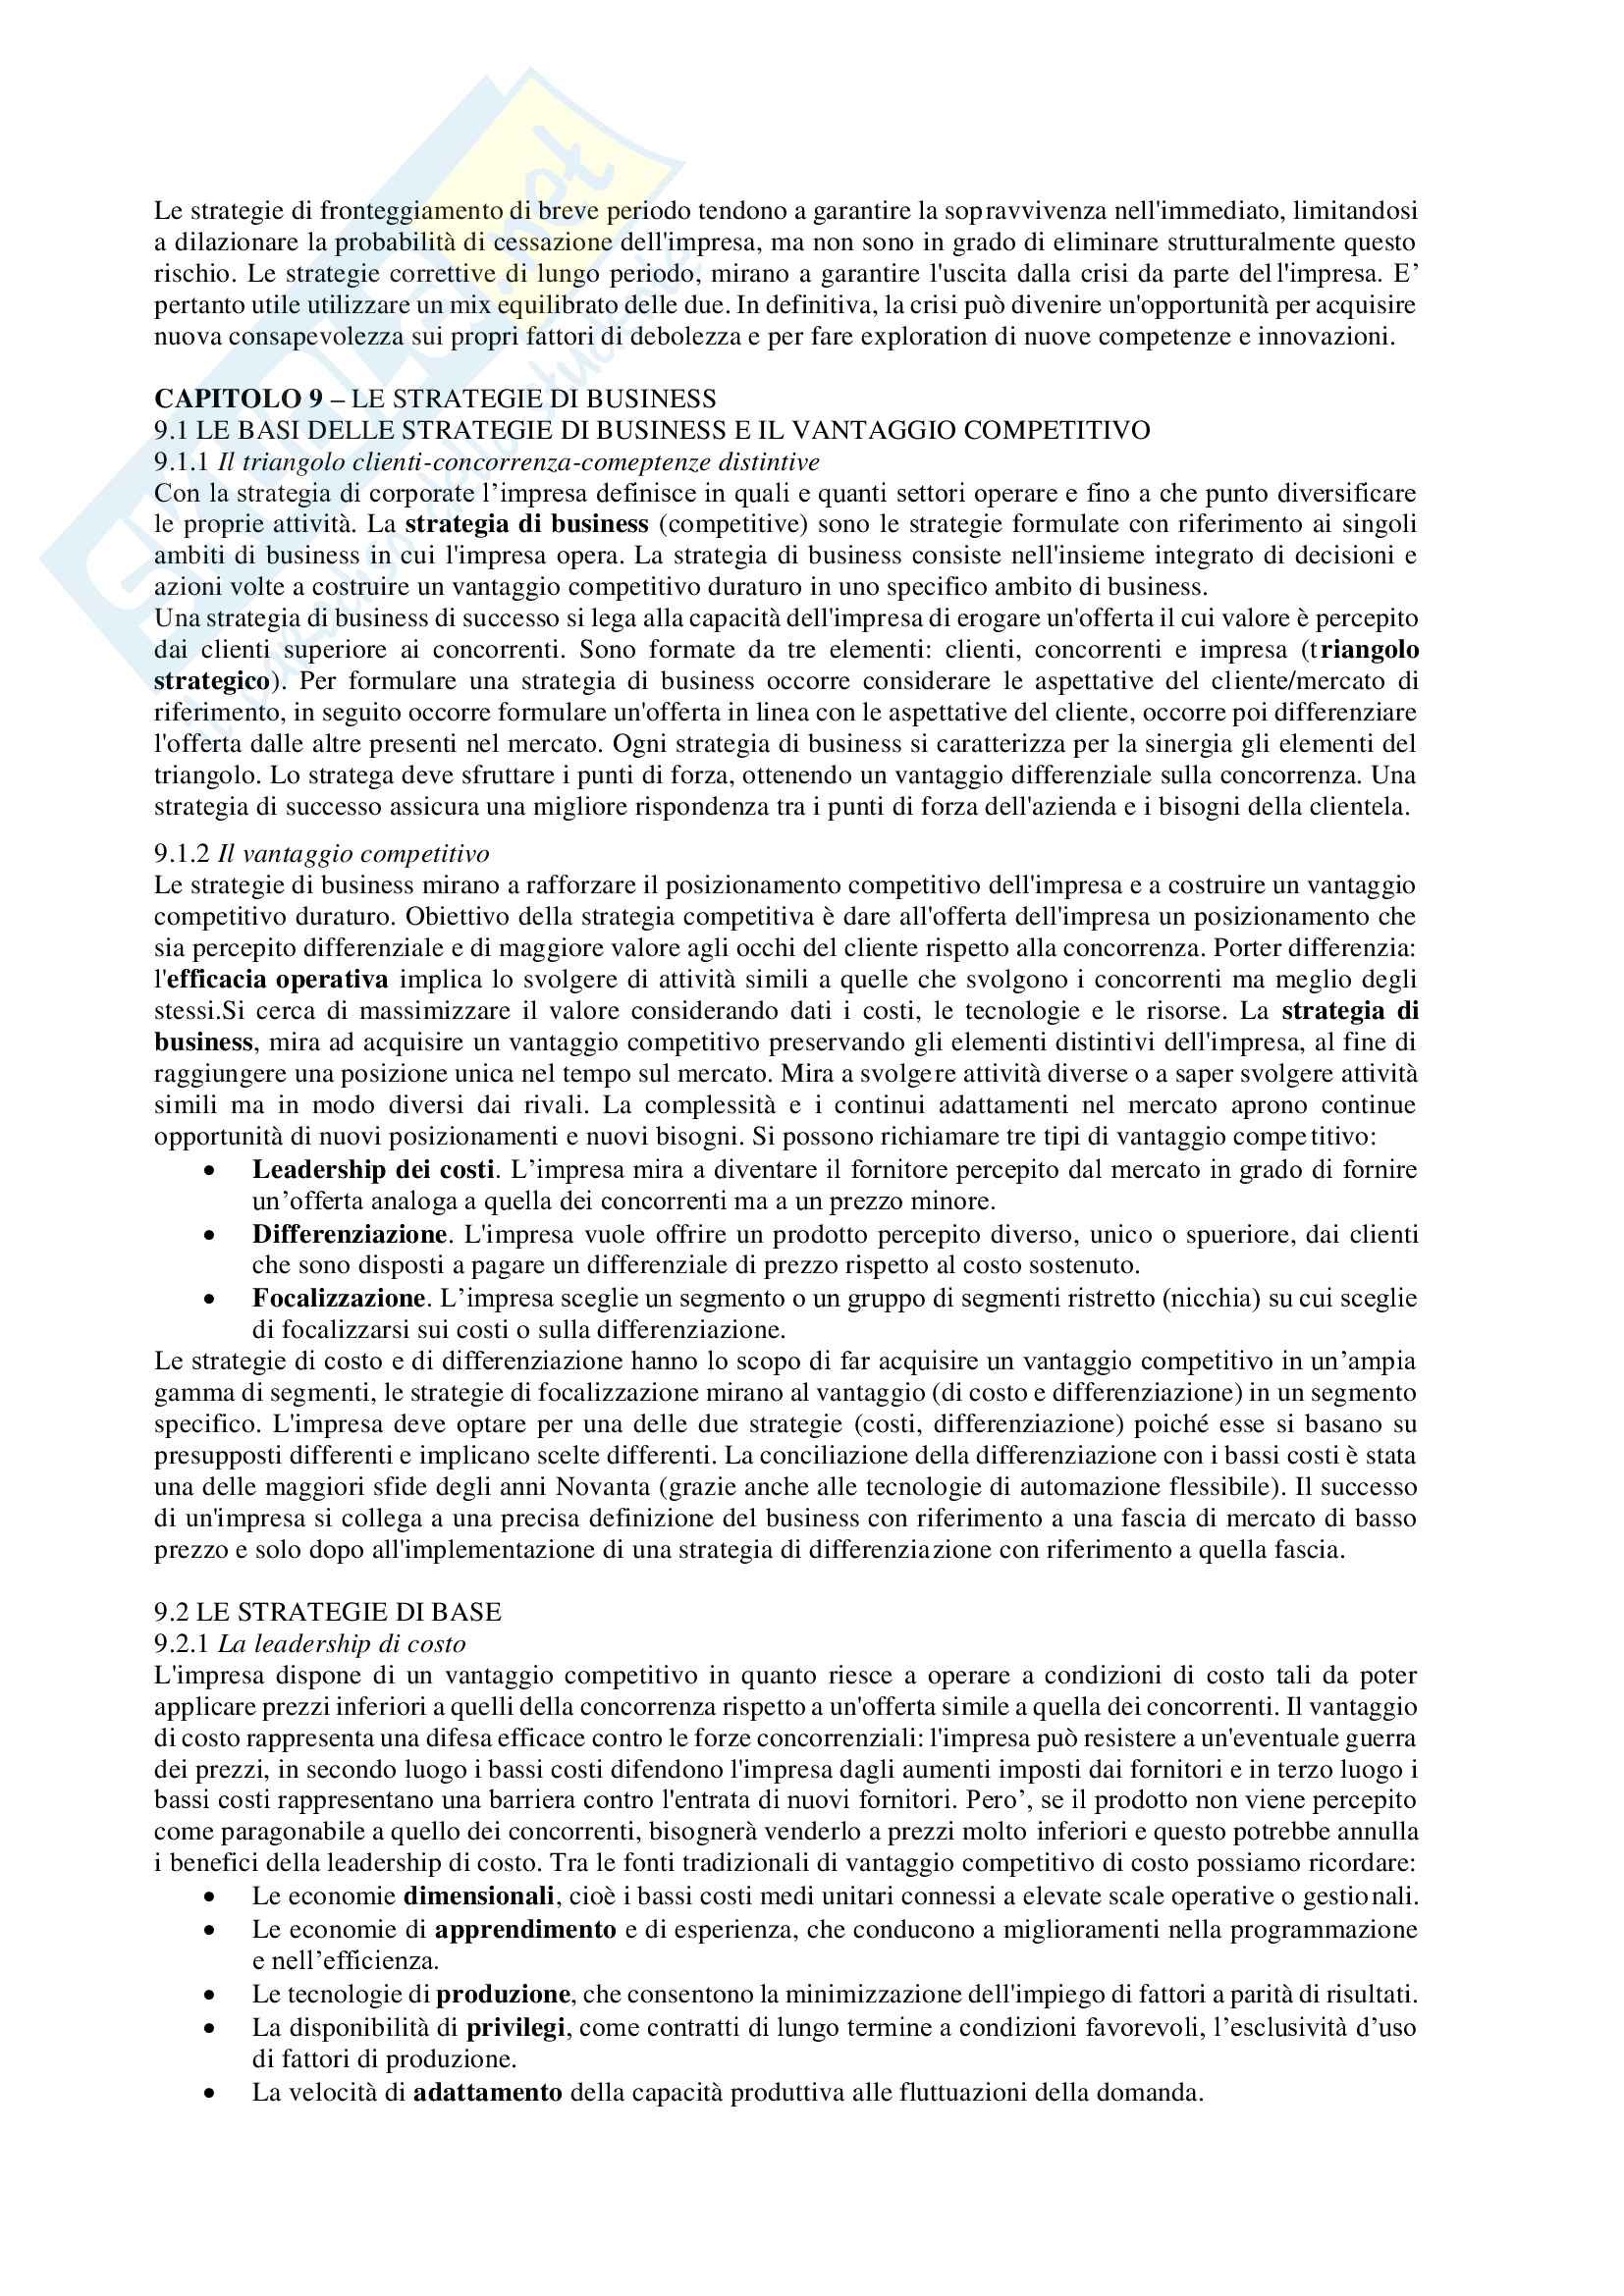 Riassunto esame Economia e management delle imprese, prof. Chiacchierini, libro consigliato Economia e management delle imprese, strategie e strumenti per la competitività e la gestione aziendale,Tunisini, Pencarelli, Ferrucci Pag. 36